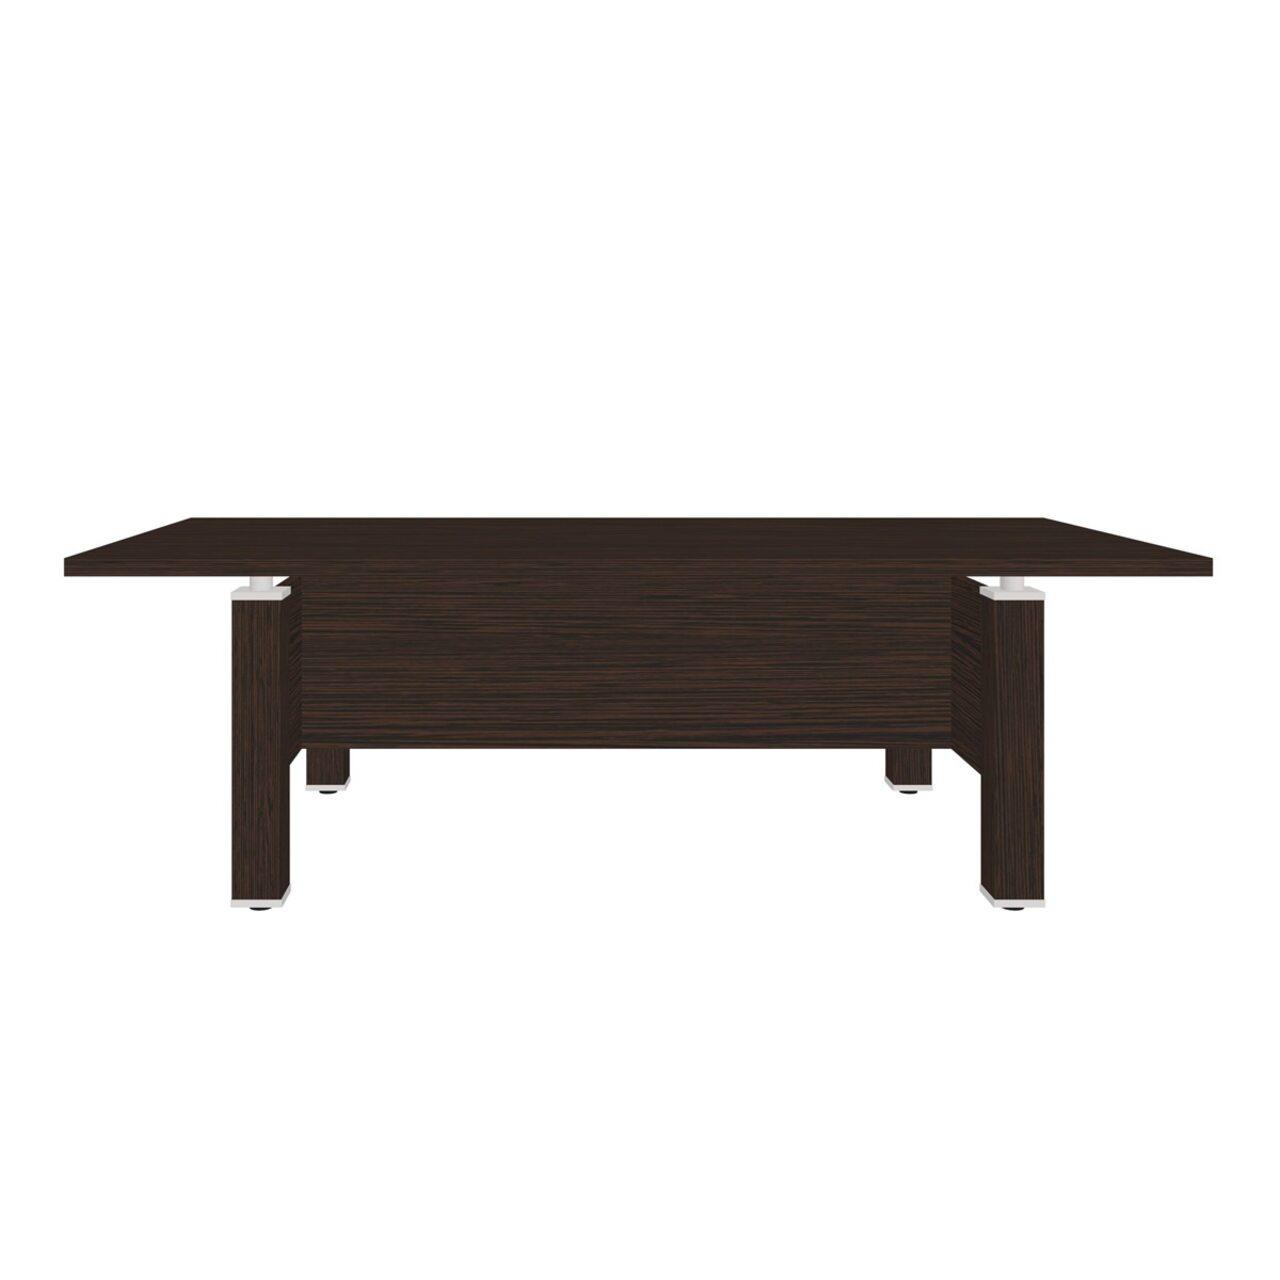 Конференц-стол Бонд 240x110x75 - фото 3